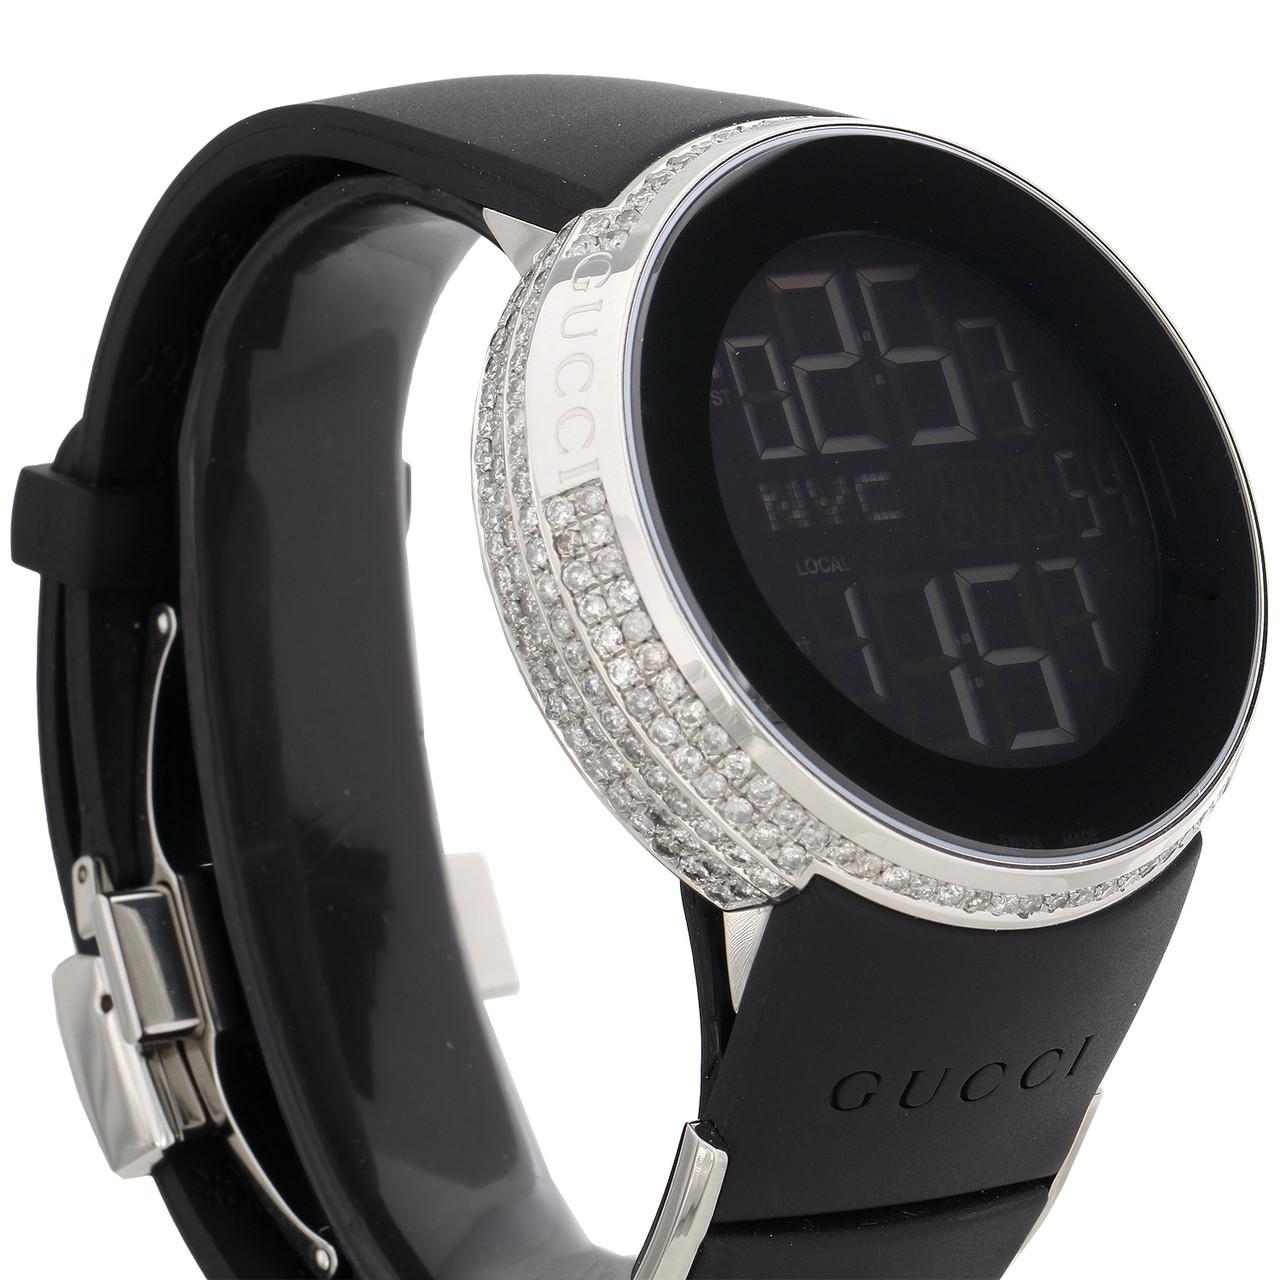 2db9a23a0ec ... Gucci Diamond White Watch Mens Full Casing YA114202 5 Row Custom Digital  3.5 CT. Image 1